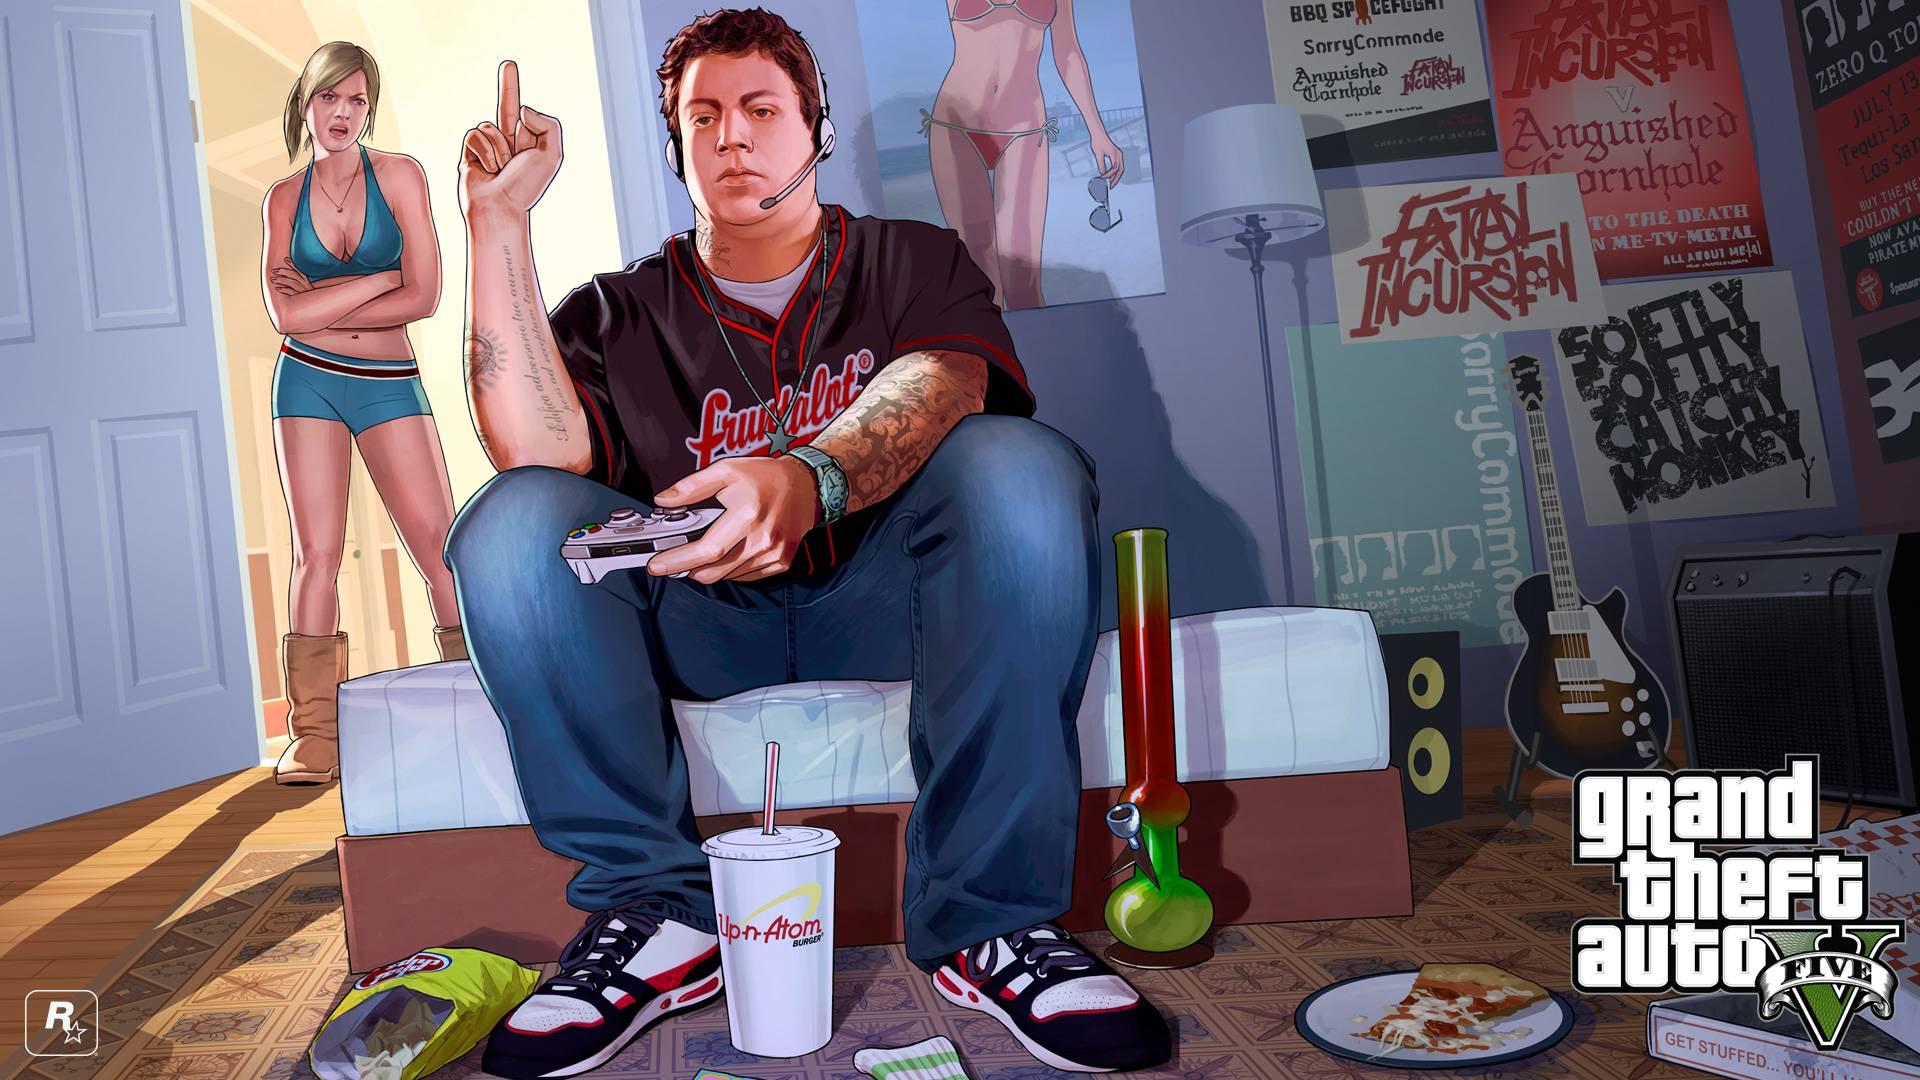 grand theft auto - Grand Theft Auto Picture